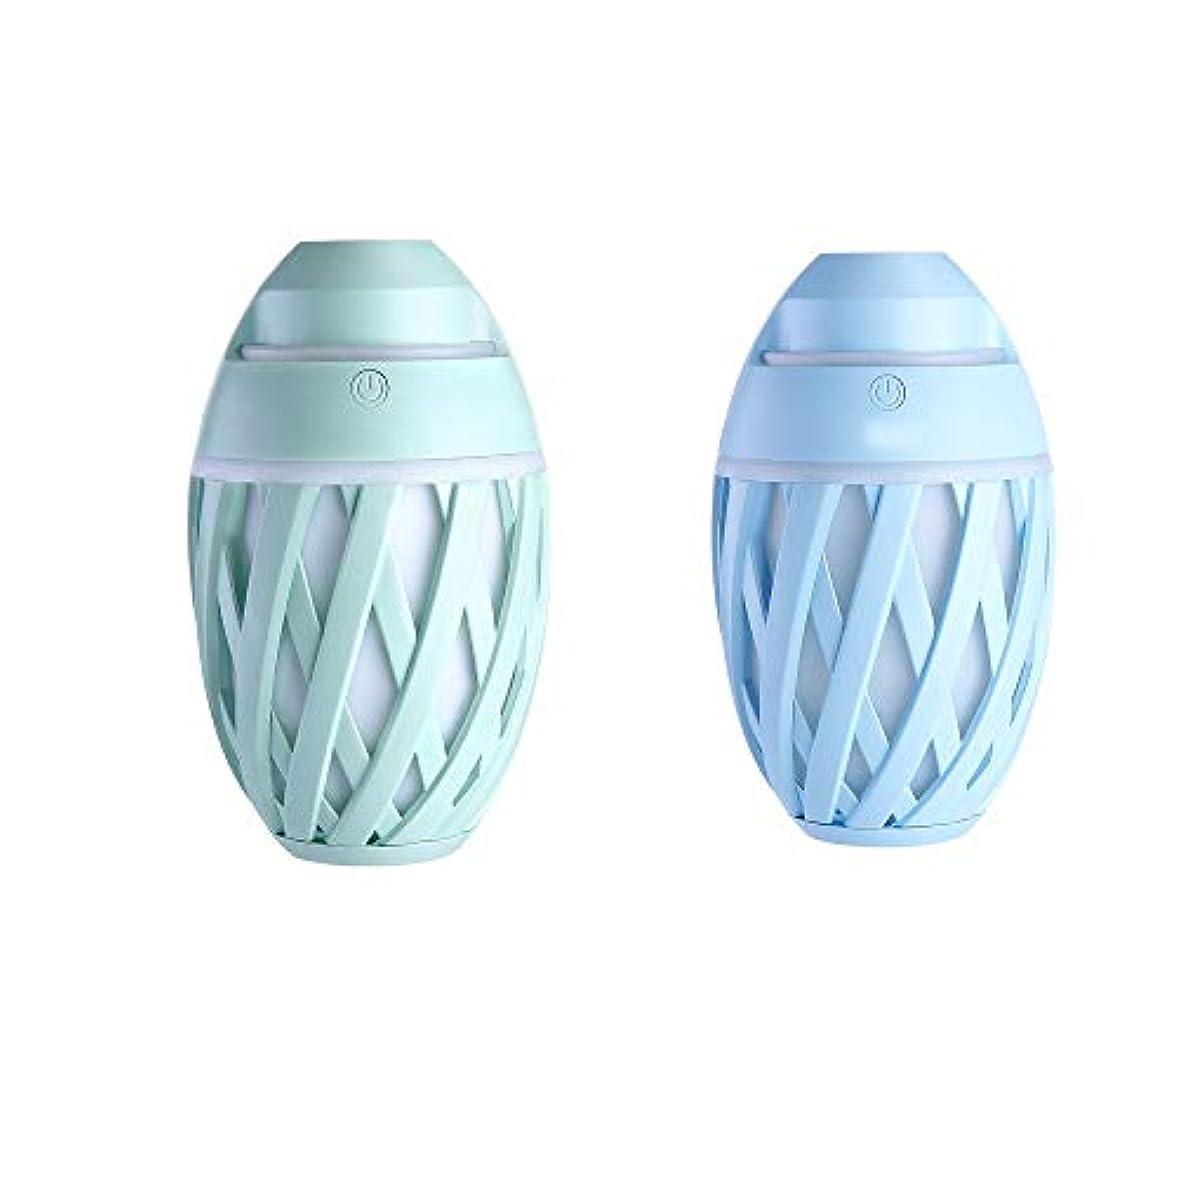 食用確認するリゾートZXF ミニUSB車の空気加湿器の美しさの楽器オリーブ形マイナスイオンカラフルな変更美しさの水道メーターABS材料2つの青いモデル緑 滑らかである (色 : Blue)